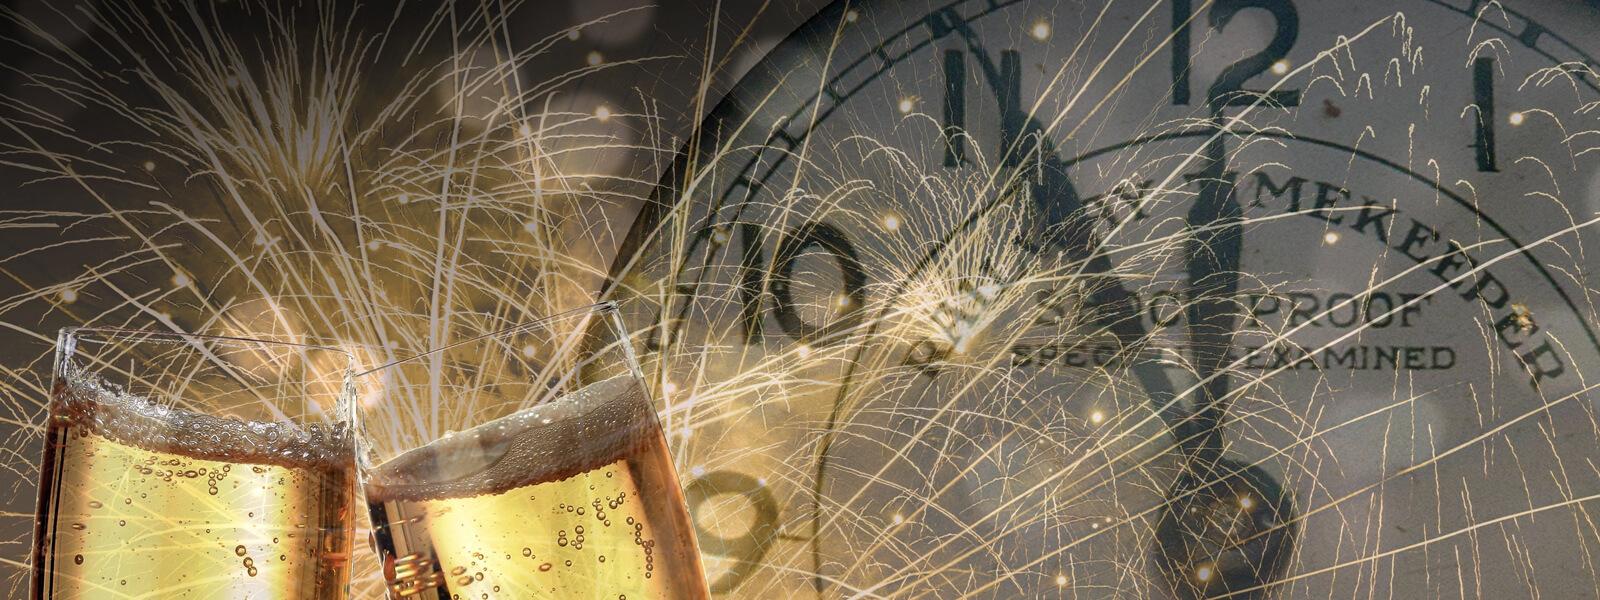 anstoßende Sektgläser im Hintergrund ein Feuerwerk und eine Uhr, die auf fünf vor zwölf steht